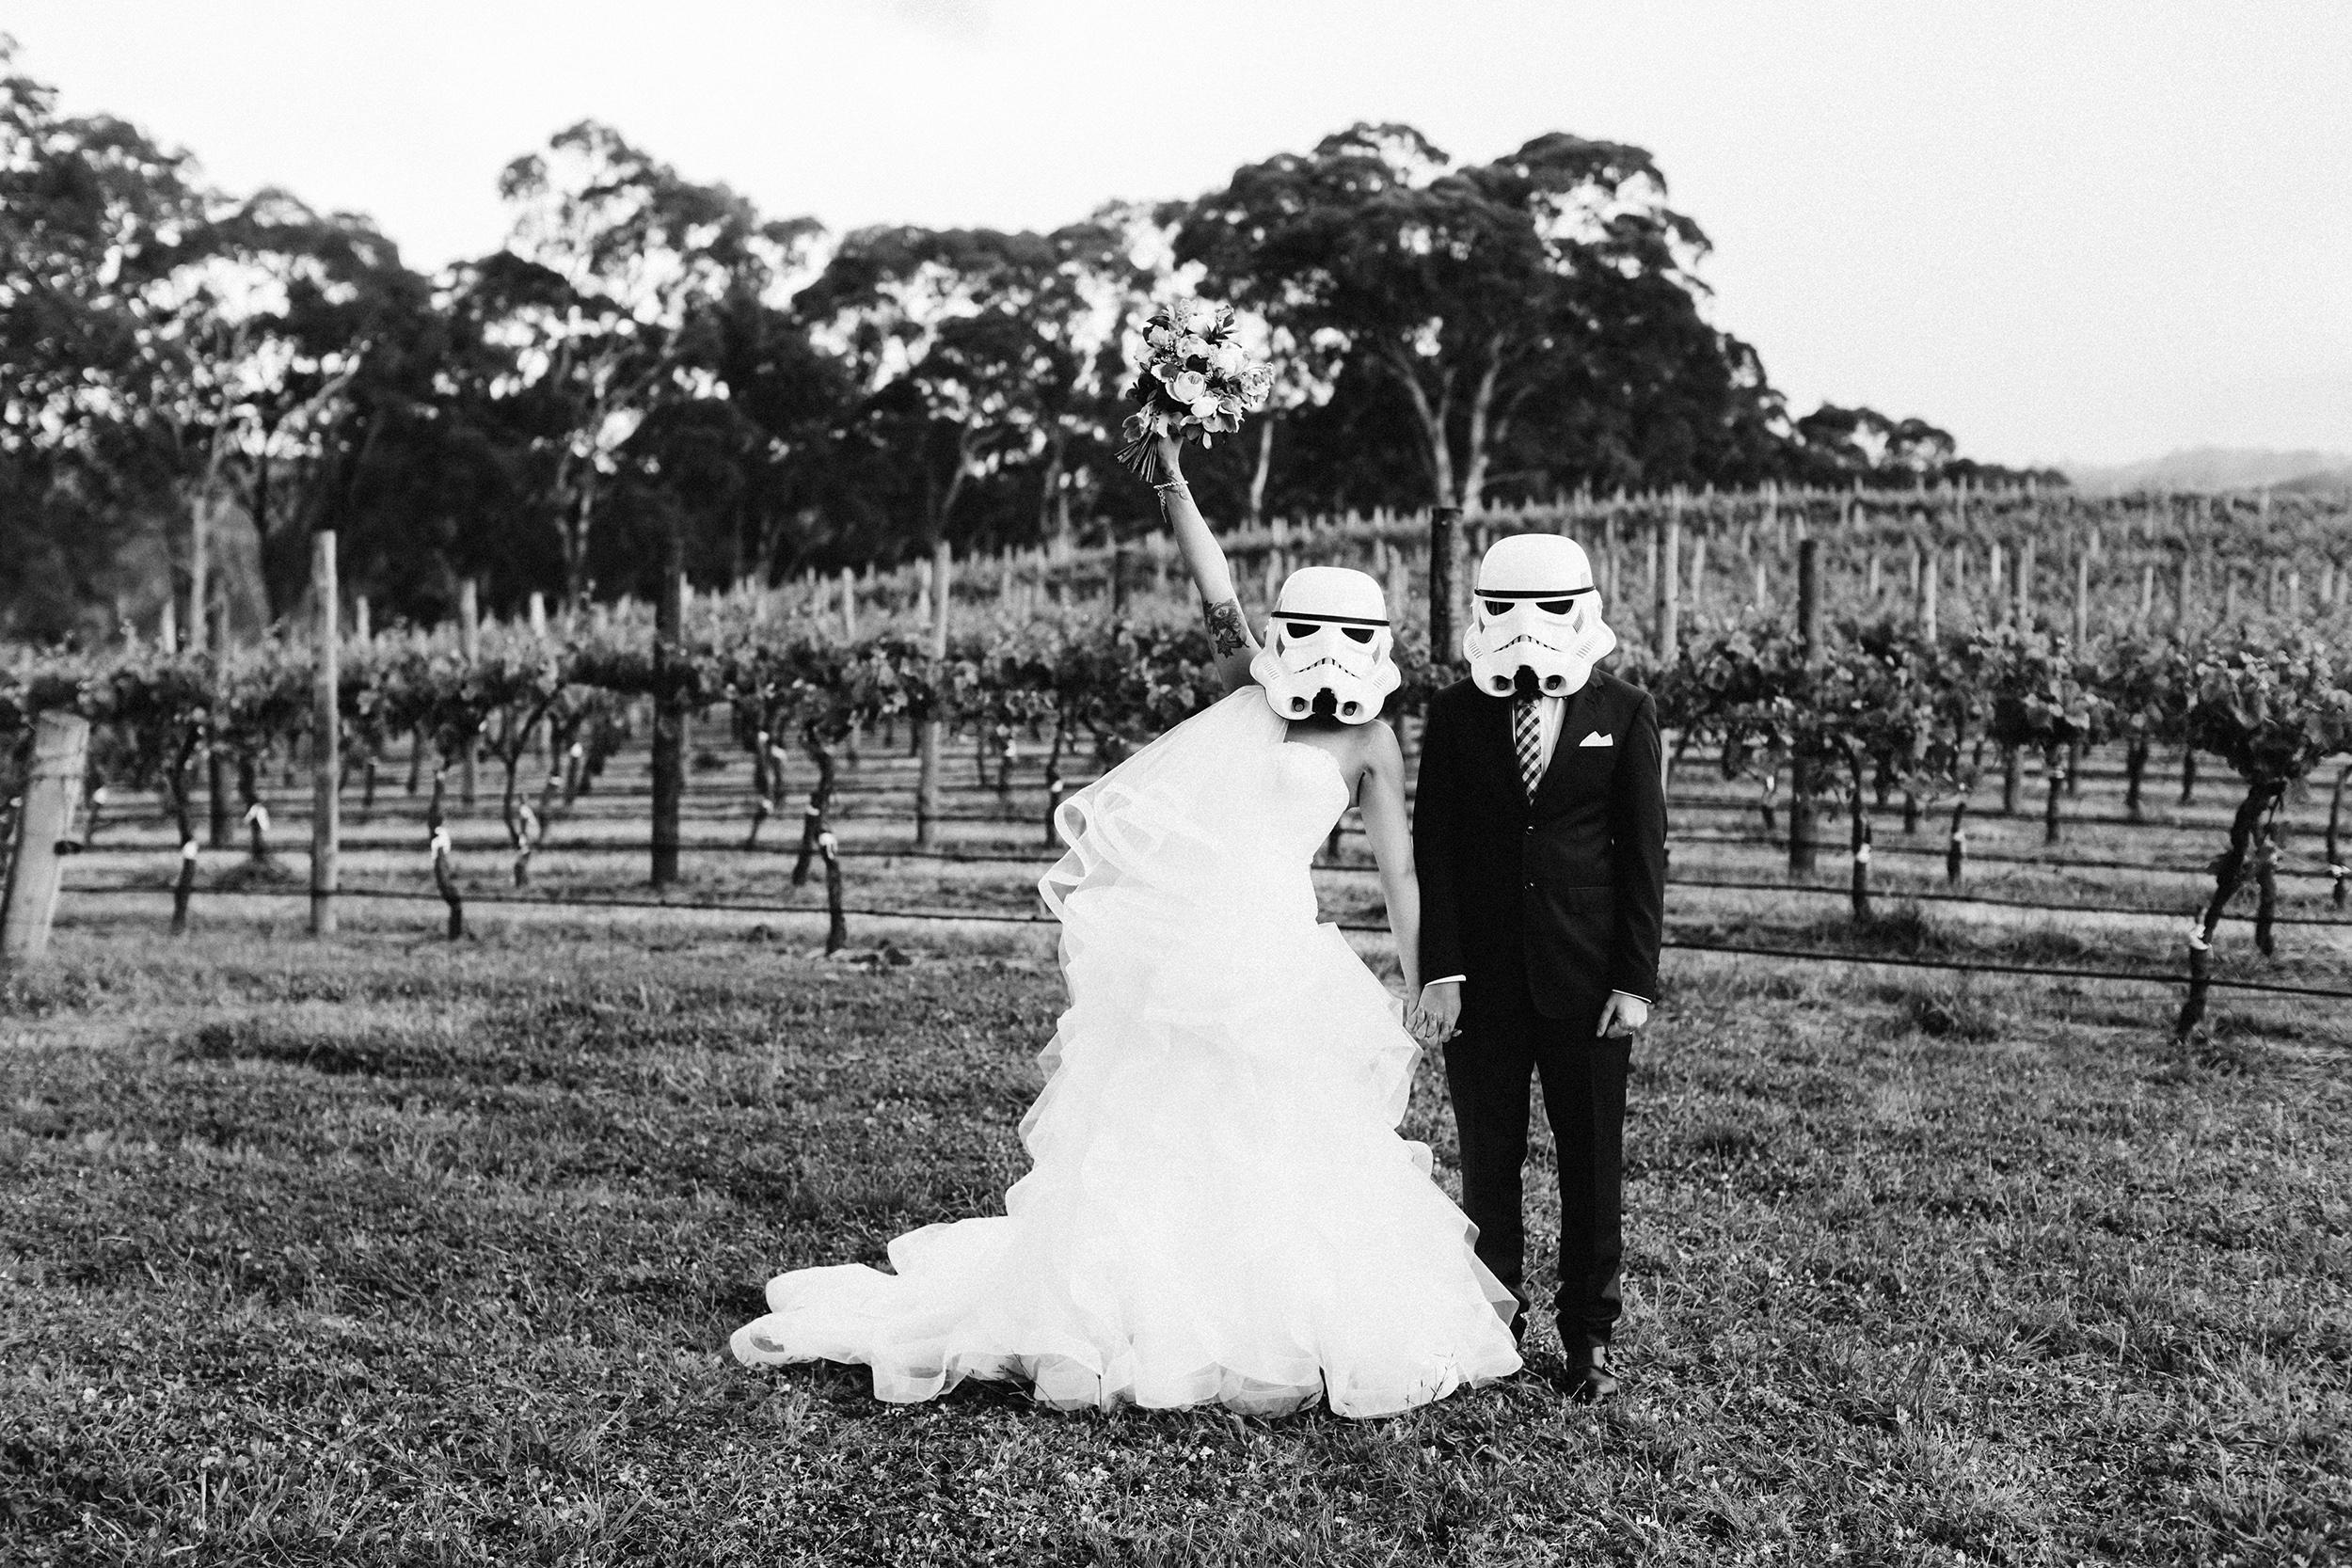 How to prepare for your wedding photos: fun wedding photos